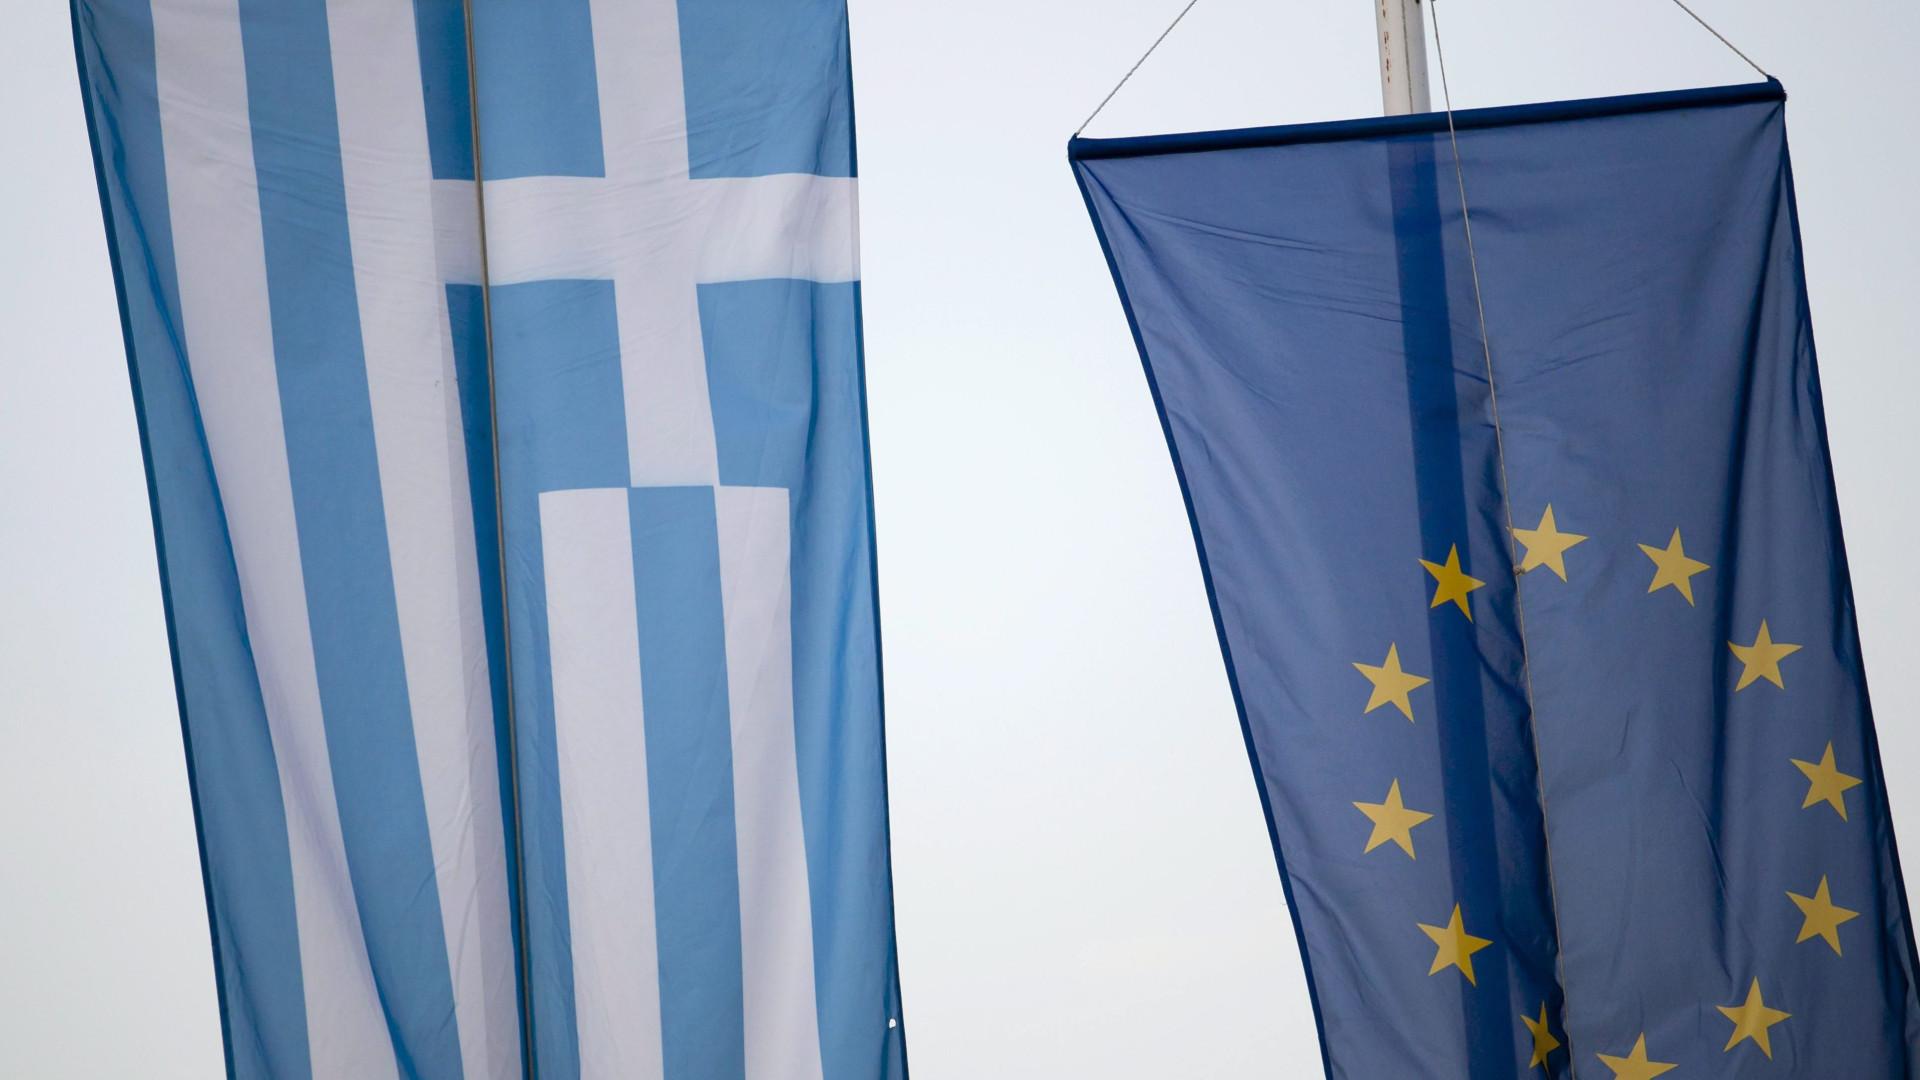 Grécia e zona euro celebram hoje fim de oito anos de resgates